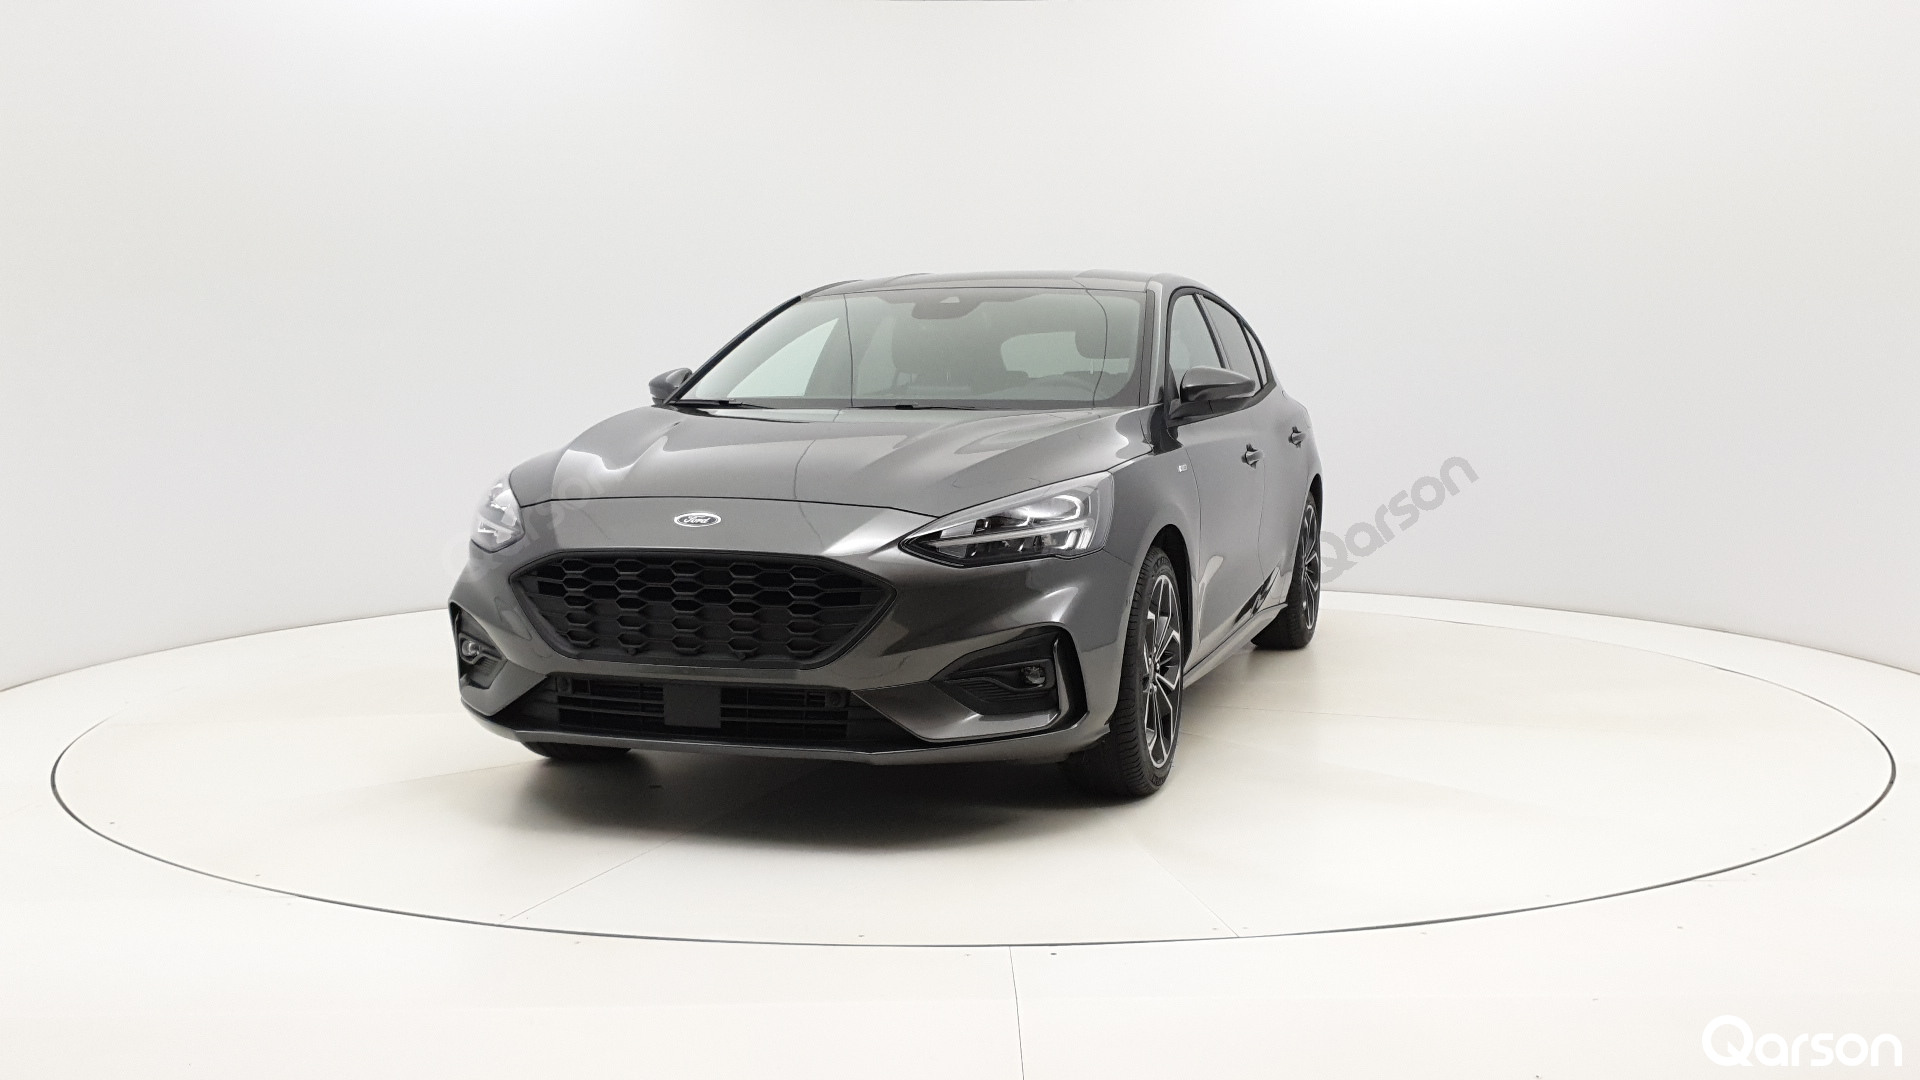 Ford Focus 5D Widok przodu samochodu lewy bok kąt 20 stopni